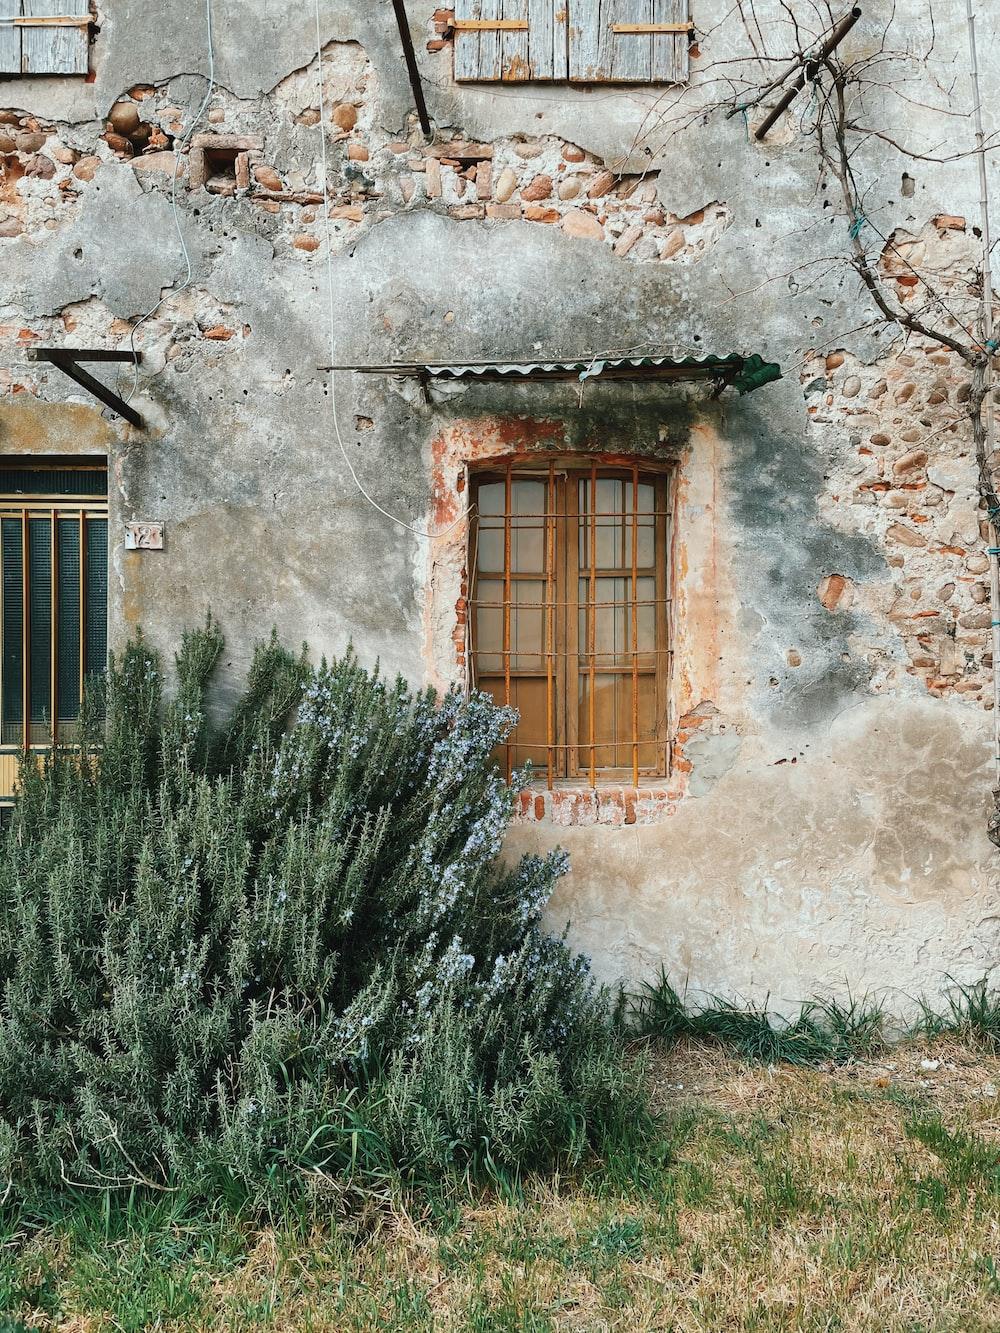 green grass near brown wooden window